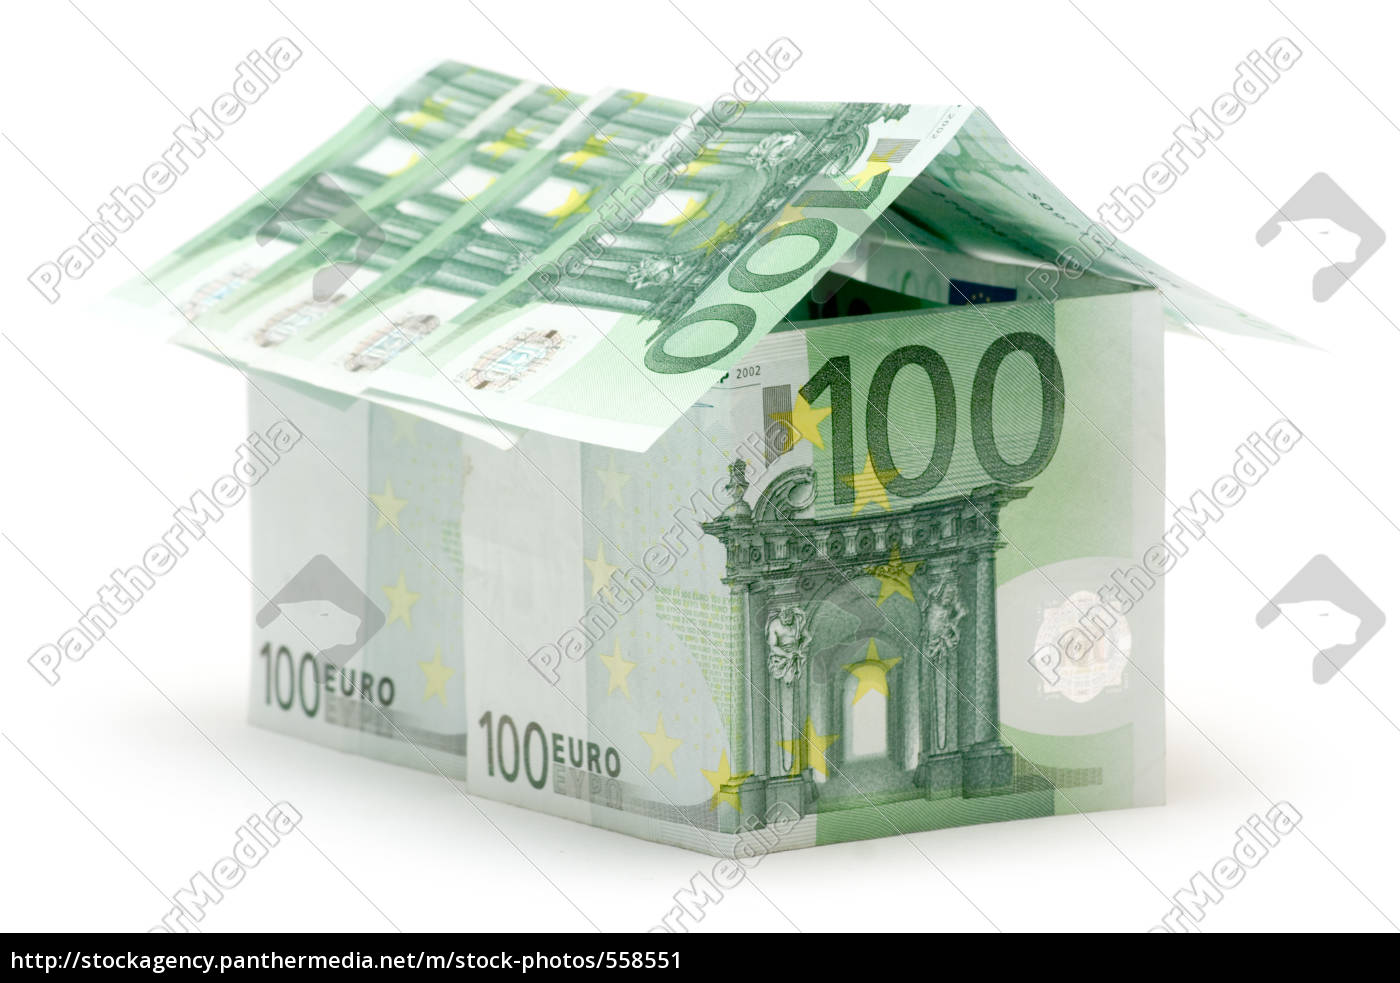 100, euro, house - 558551